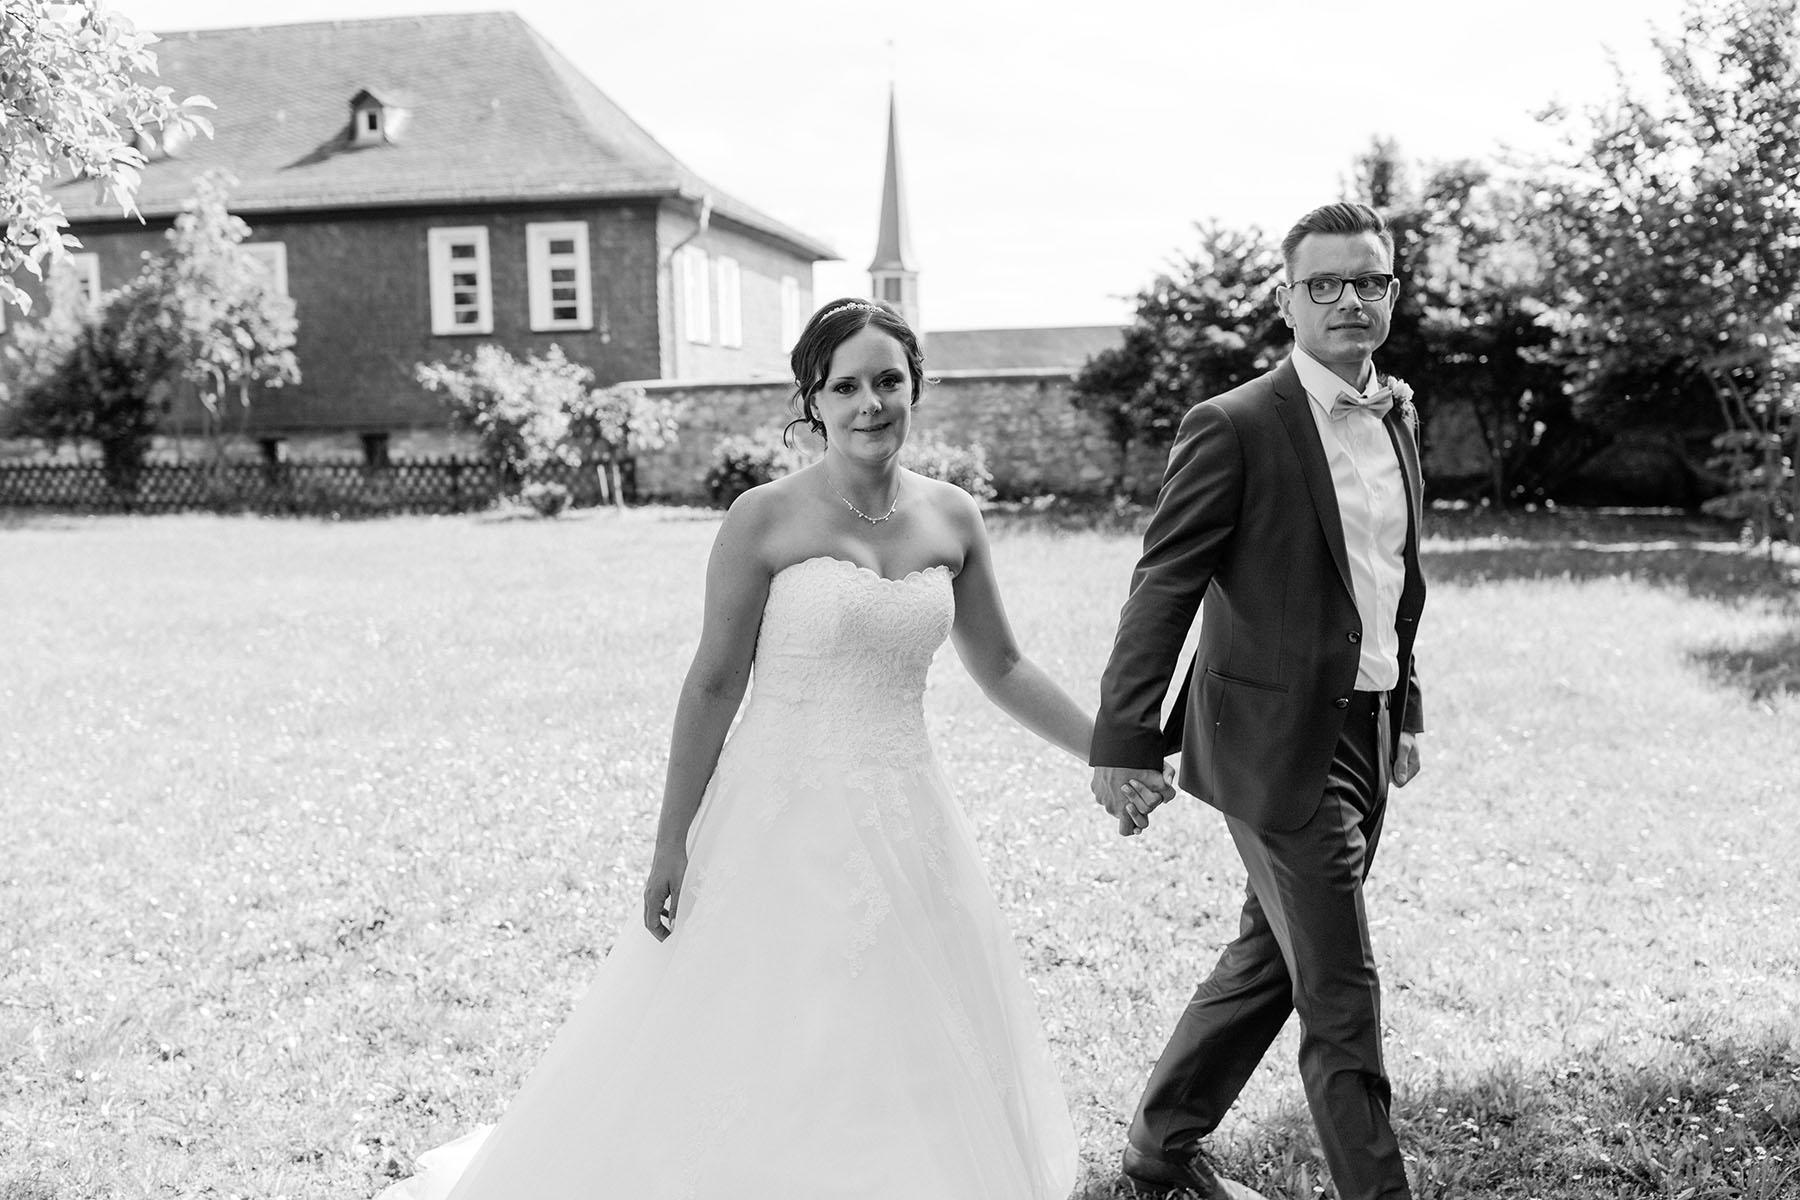 Braut und Bräutigam in Limburg an der Lahn in schwarz-weiß